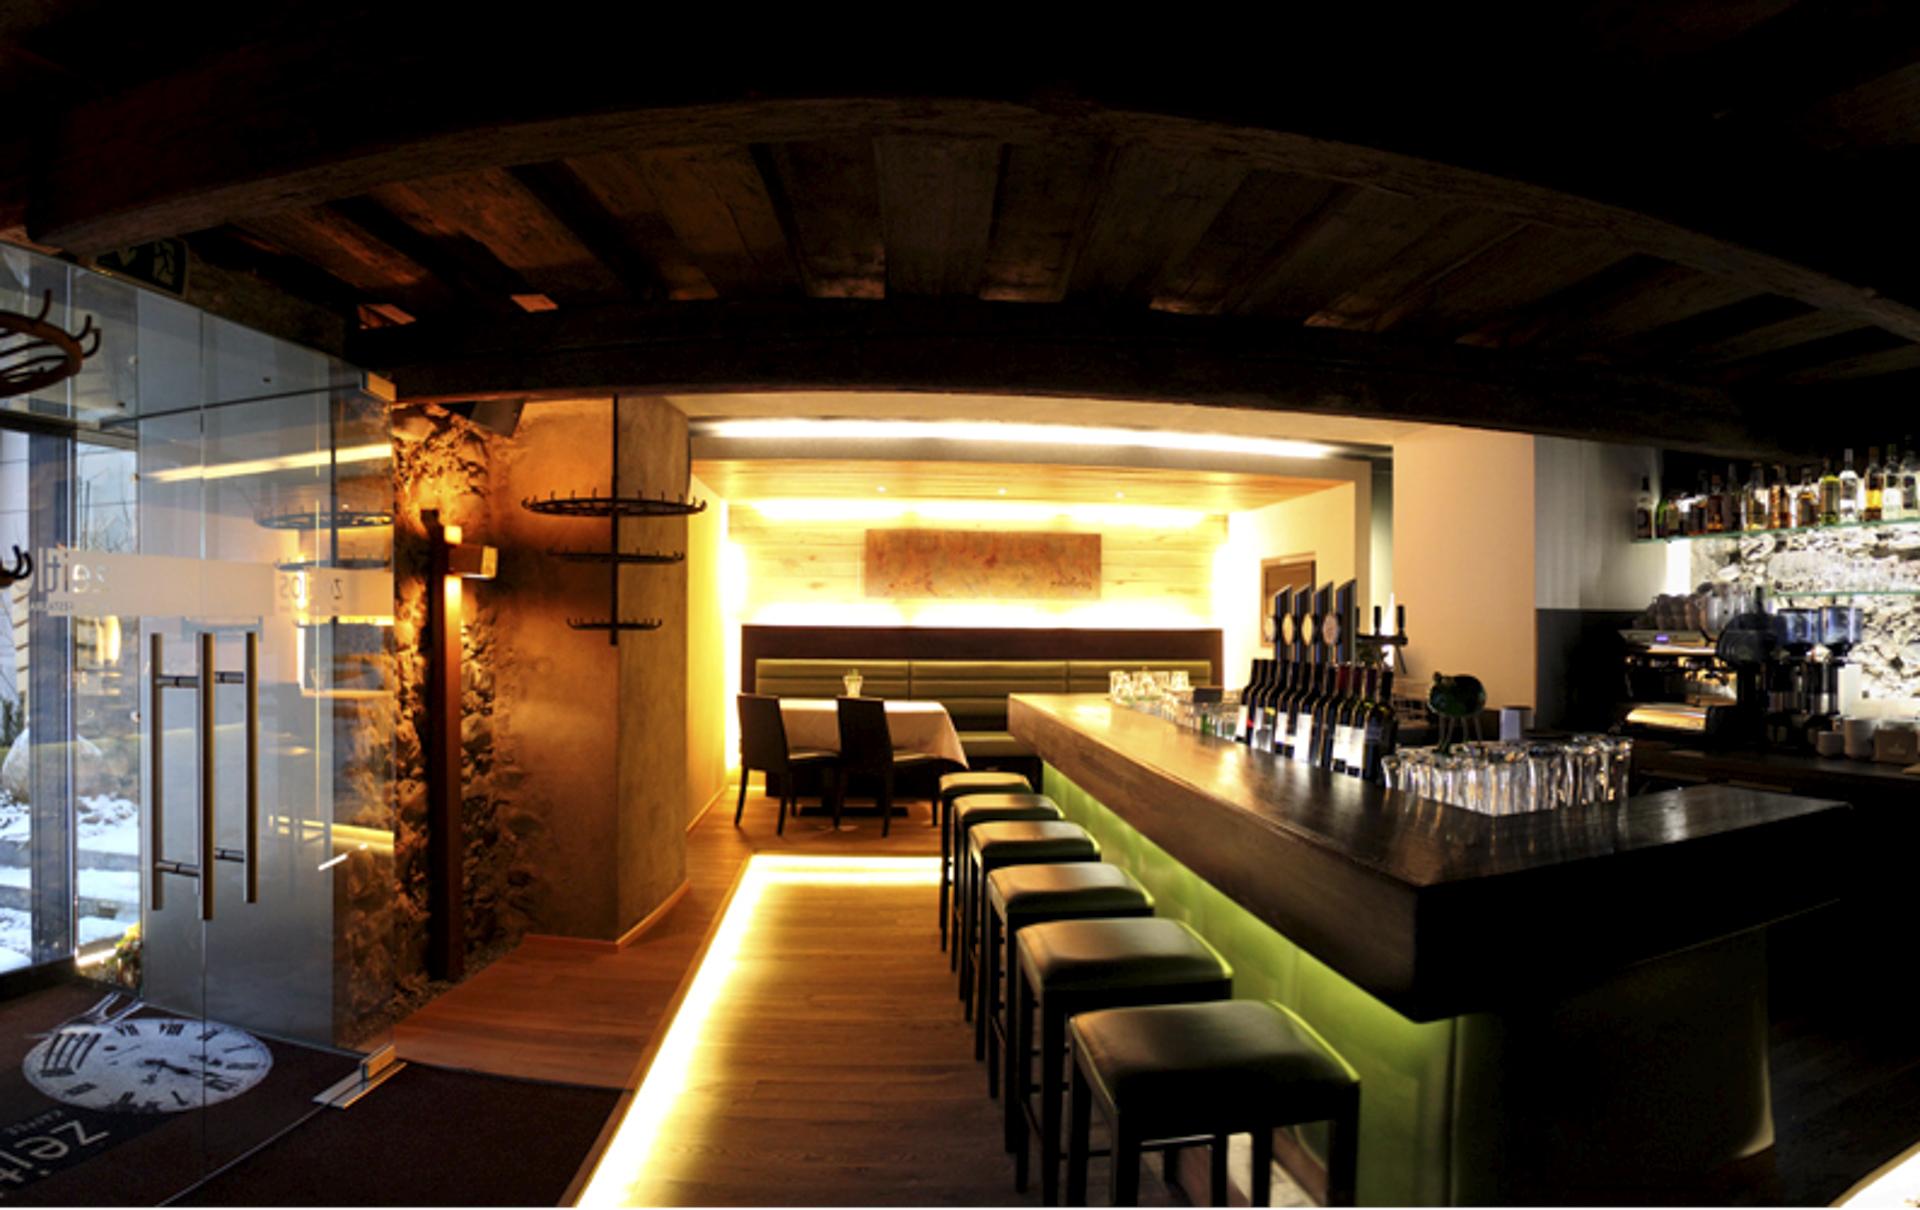 tischlerei-decker-zeitlos-restaurant-theke-licht